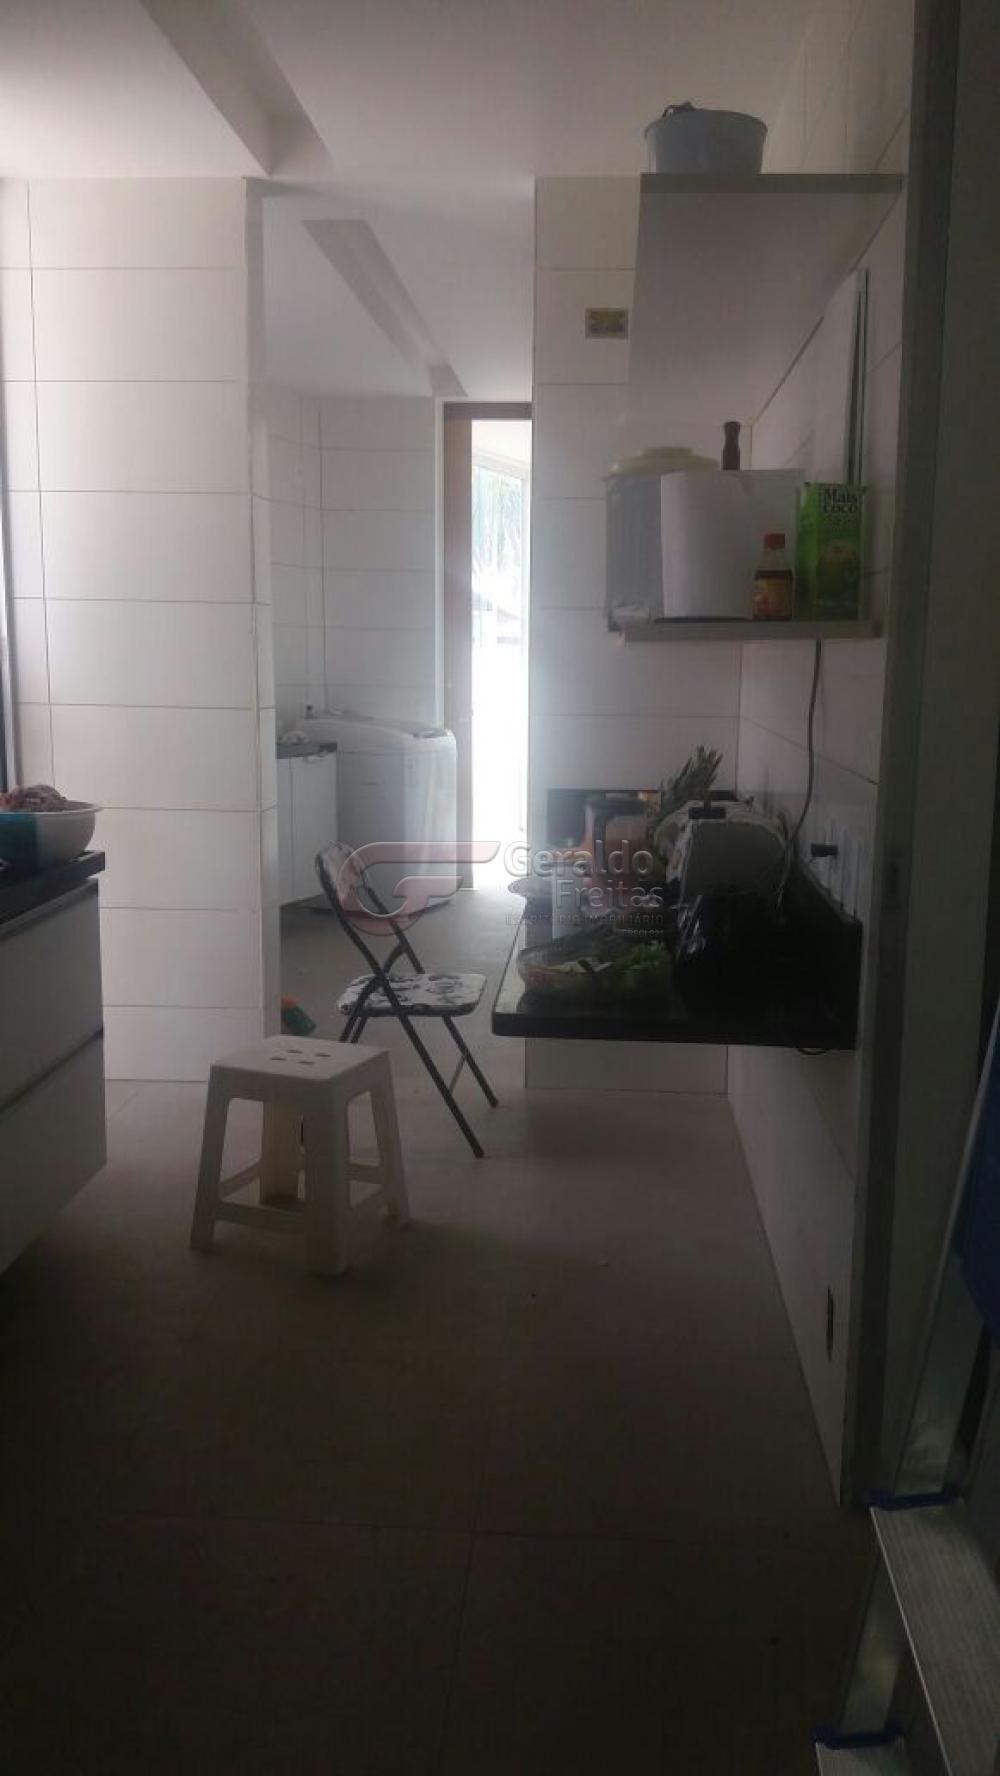 Comprar Casas / Condominio em Marechal Deodoro apenas R$ 2.700.000,00 - Foto 64